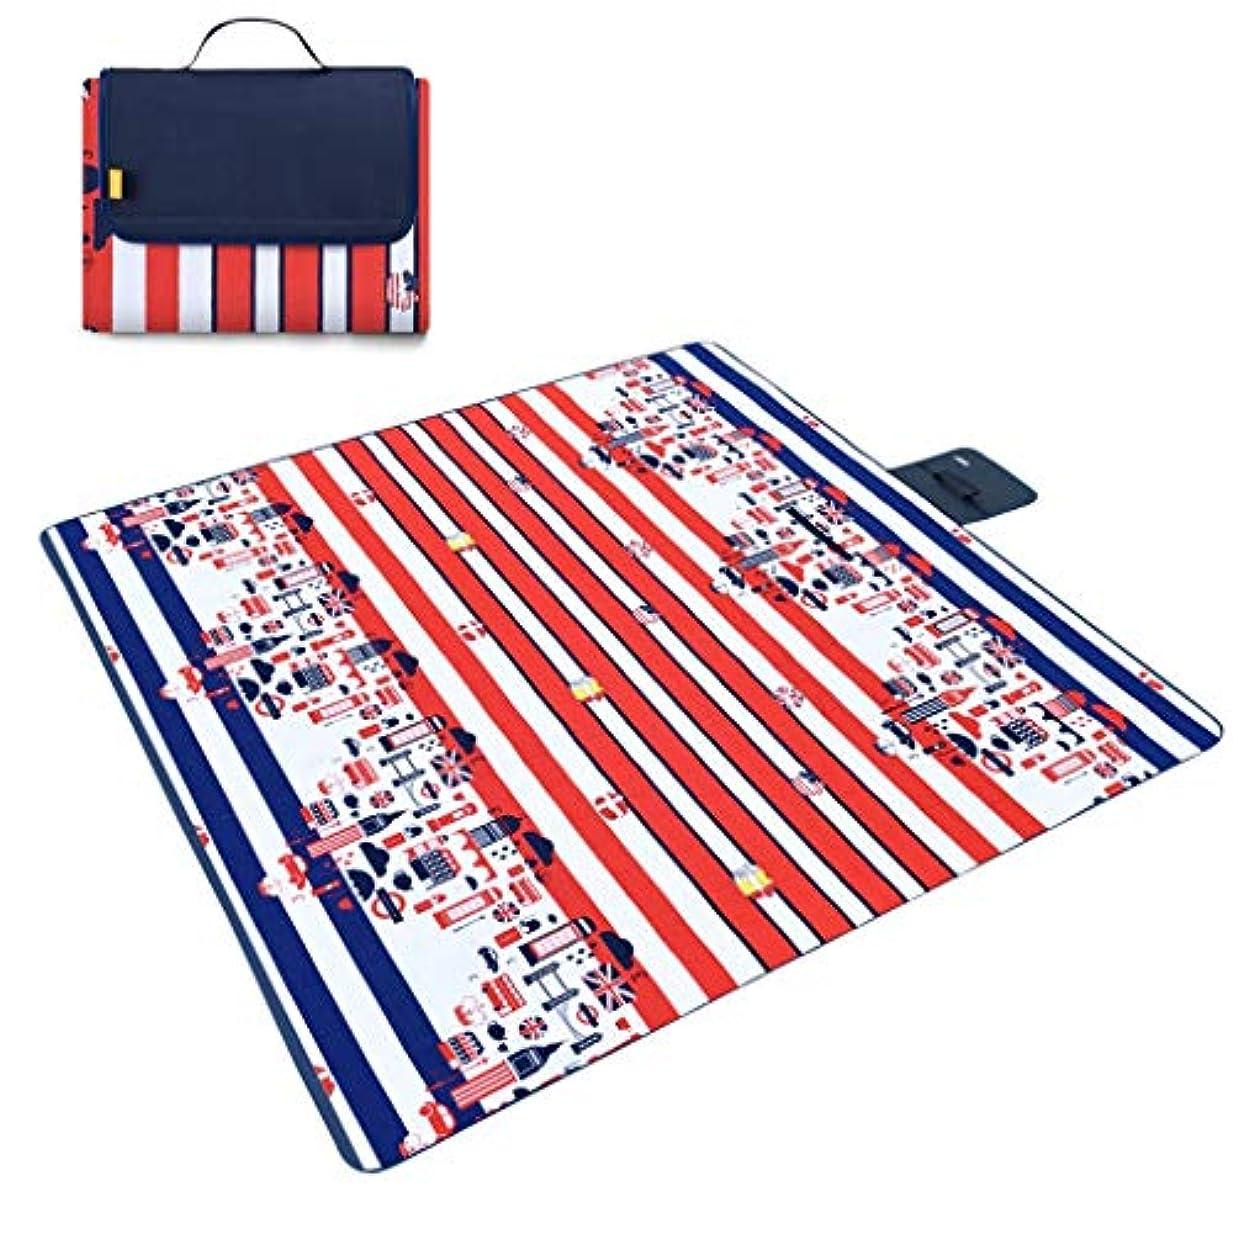 憂慮すべき個人こしょうピクニック毛布屋外折りたたみビーチマットピクニックマット防水サンドキャンプキャンプハンドル家族の日中旅行 (Size : 200*200cm)